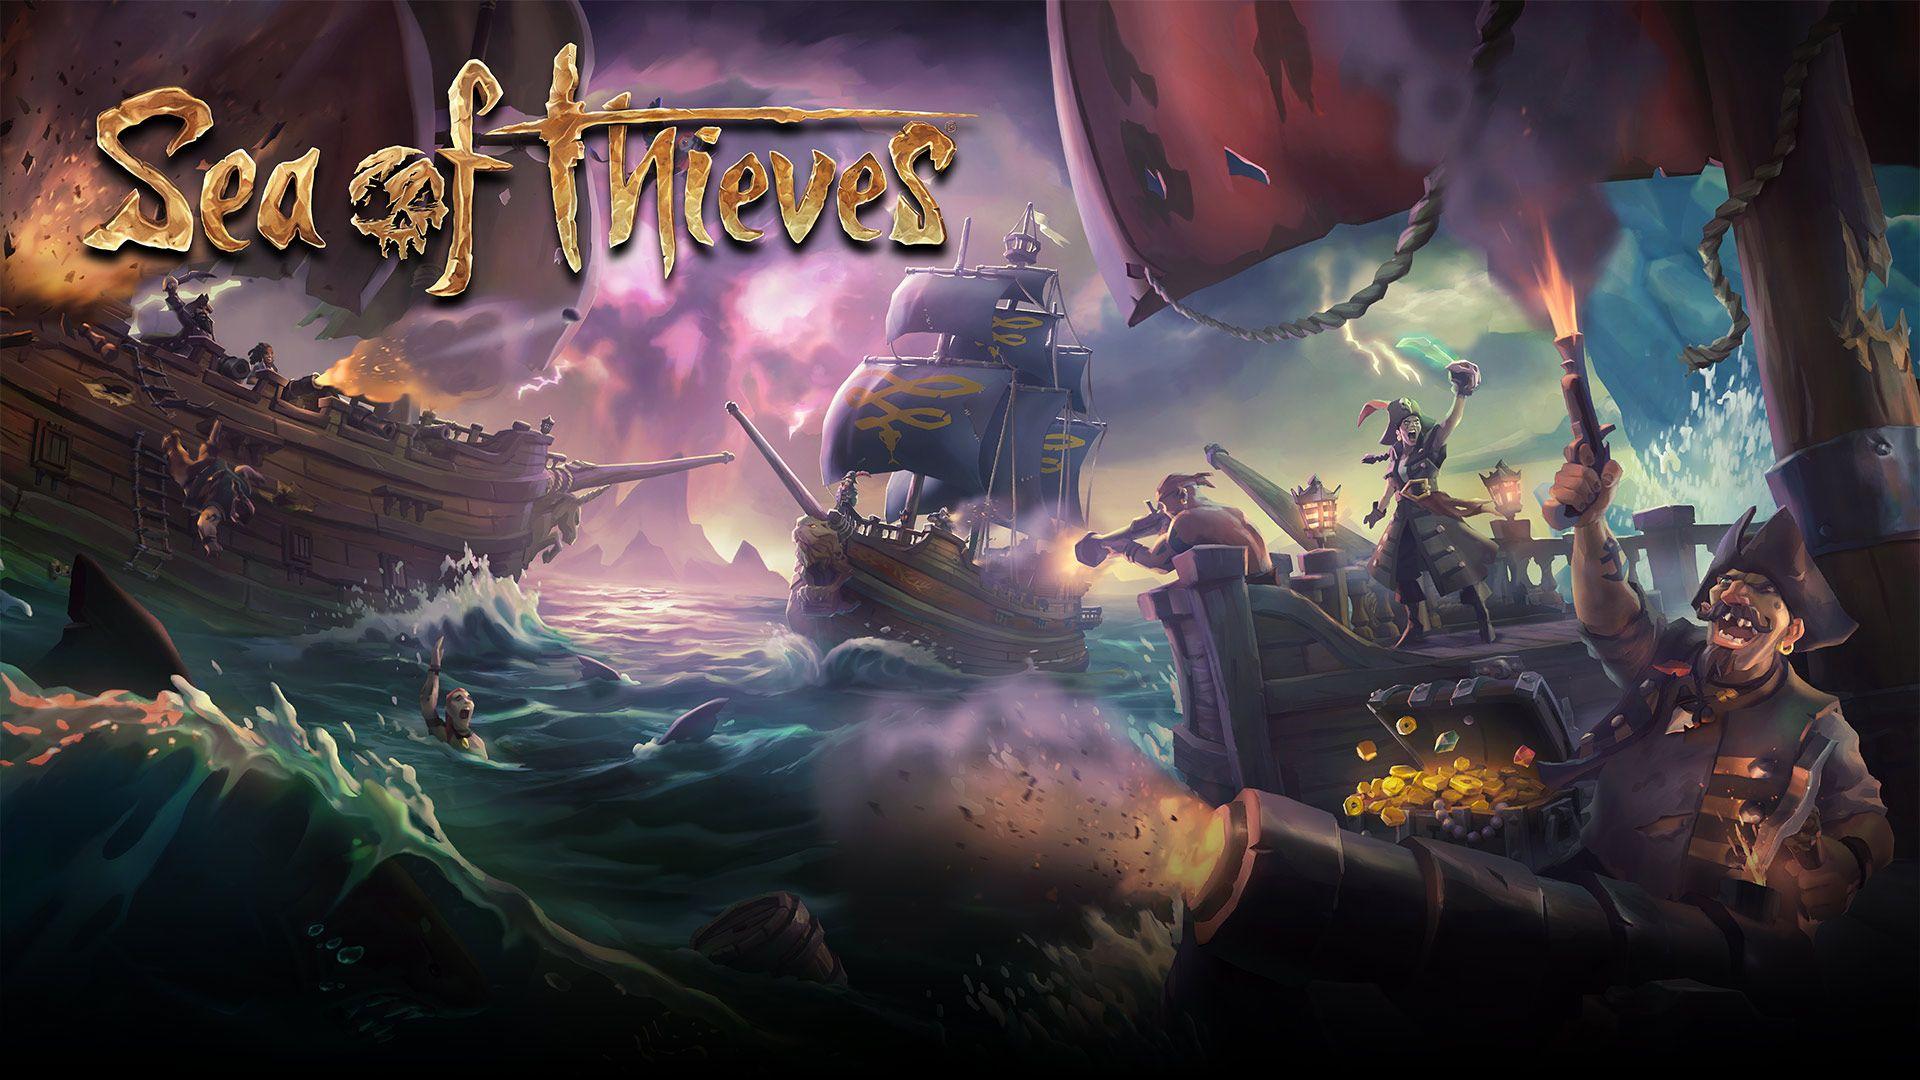 Un Fond Dcran Pour Sea Of Thieves Xbox One Xboxygen